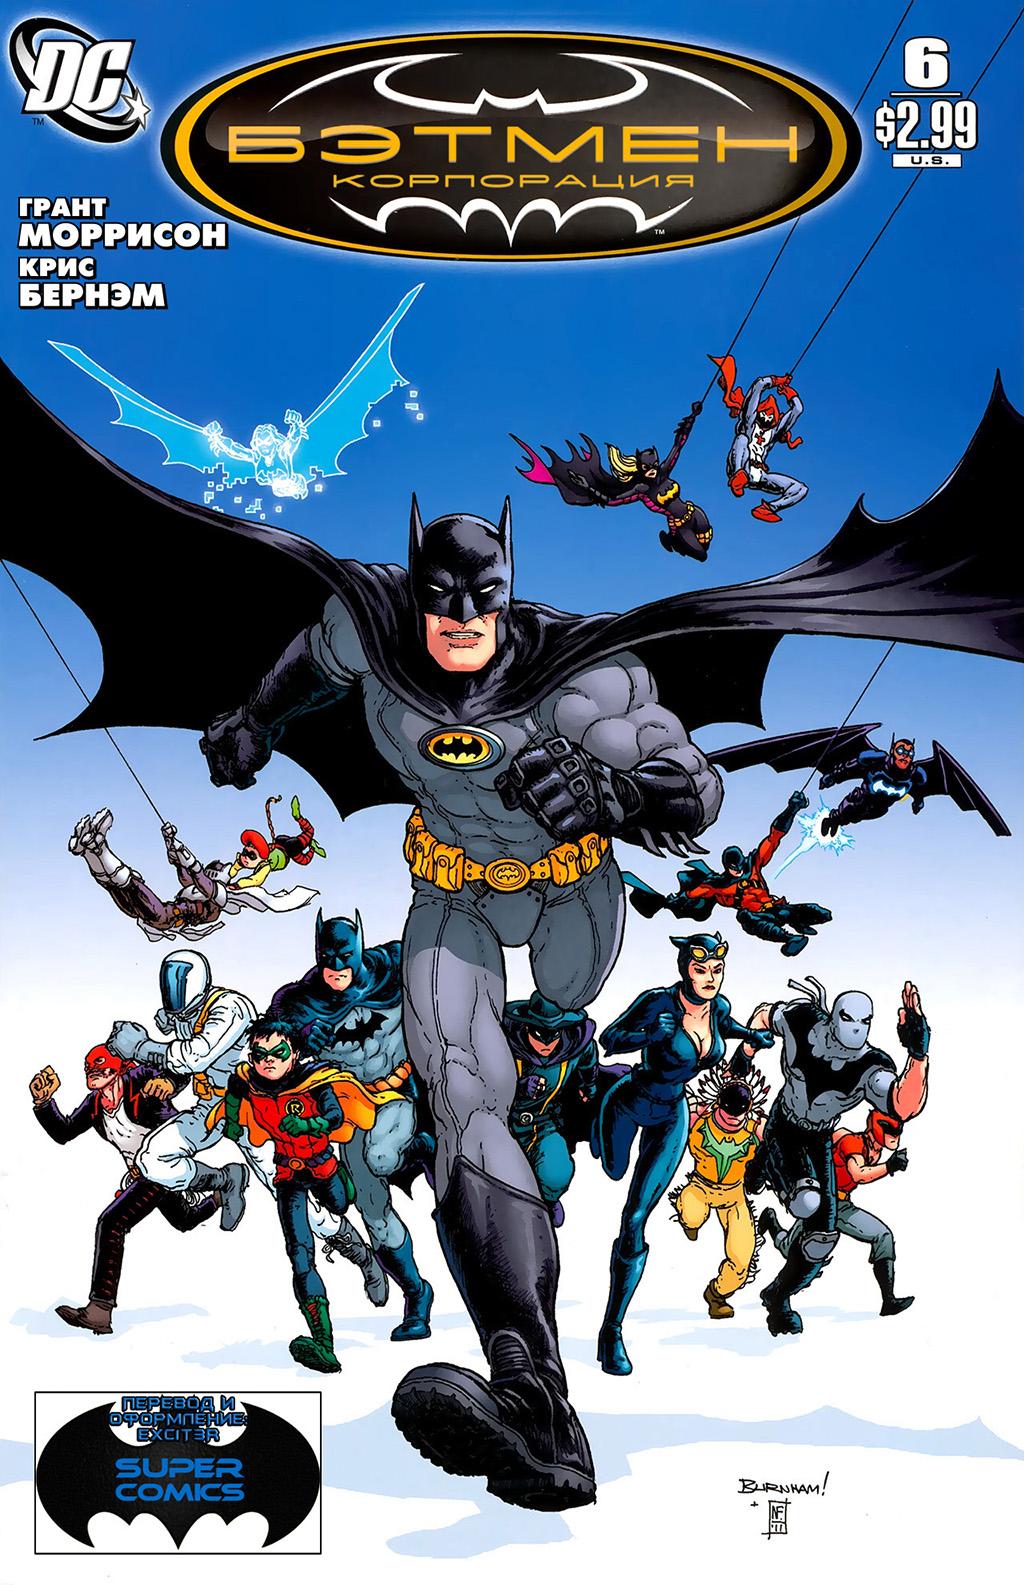 Комикс Бэтмен, Корпорация